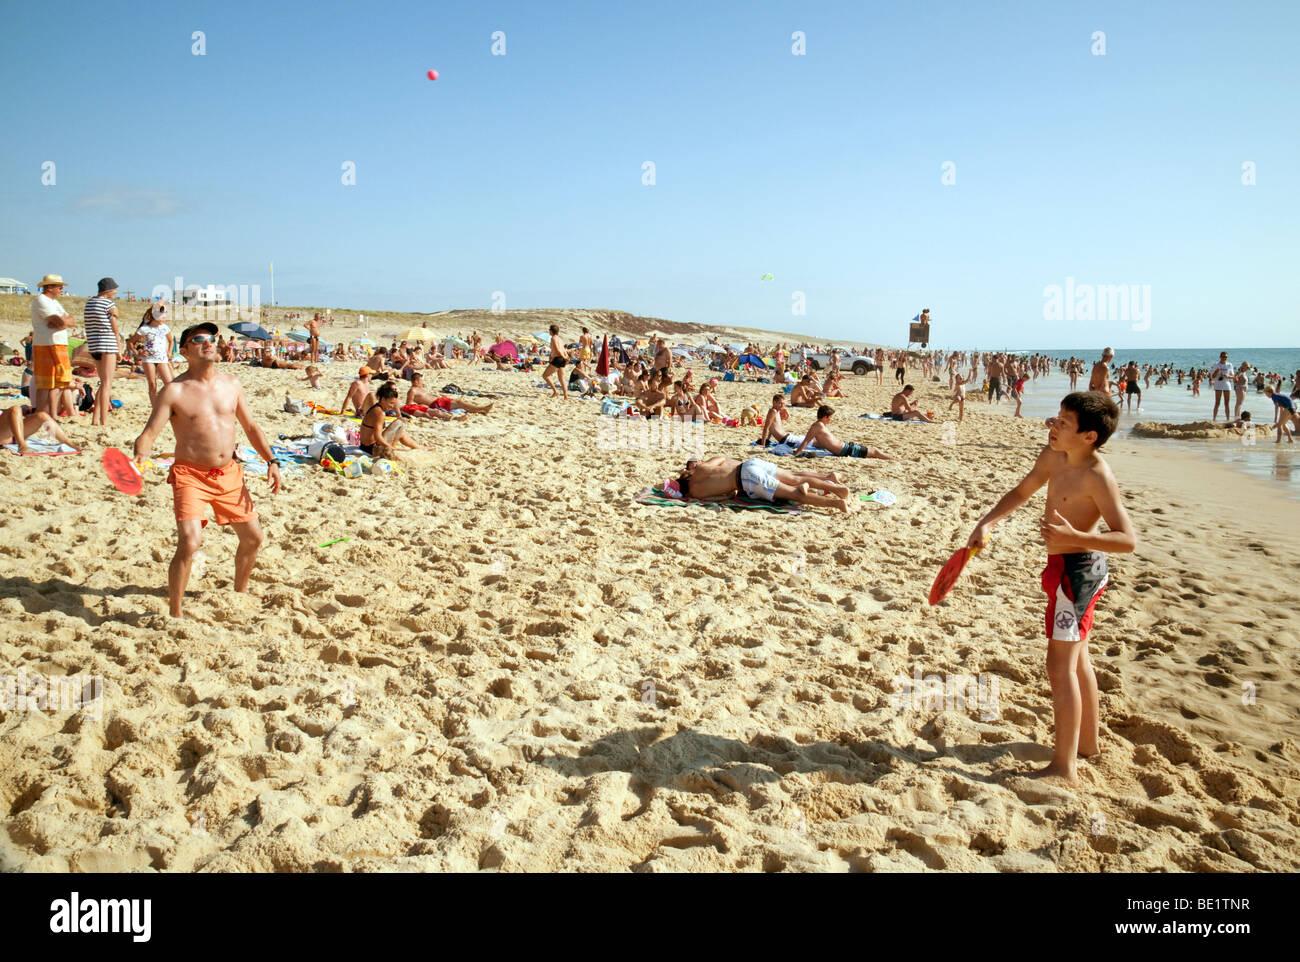 1c0727474 Un père et sun la pratique du beach tennis sur la plage de Biscarrosse